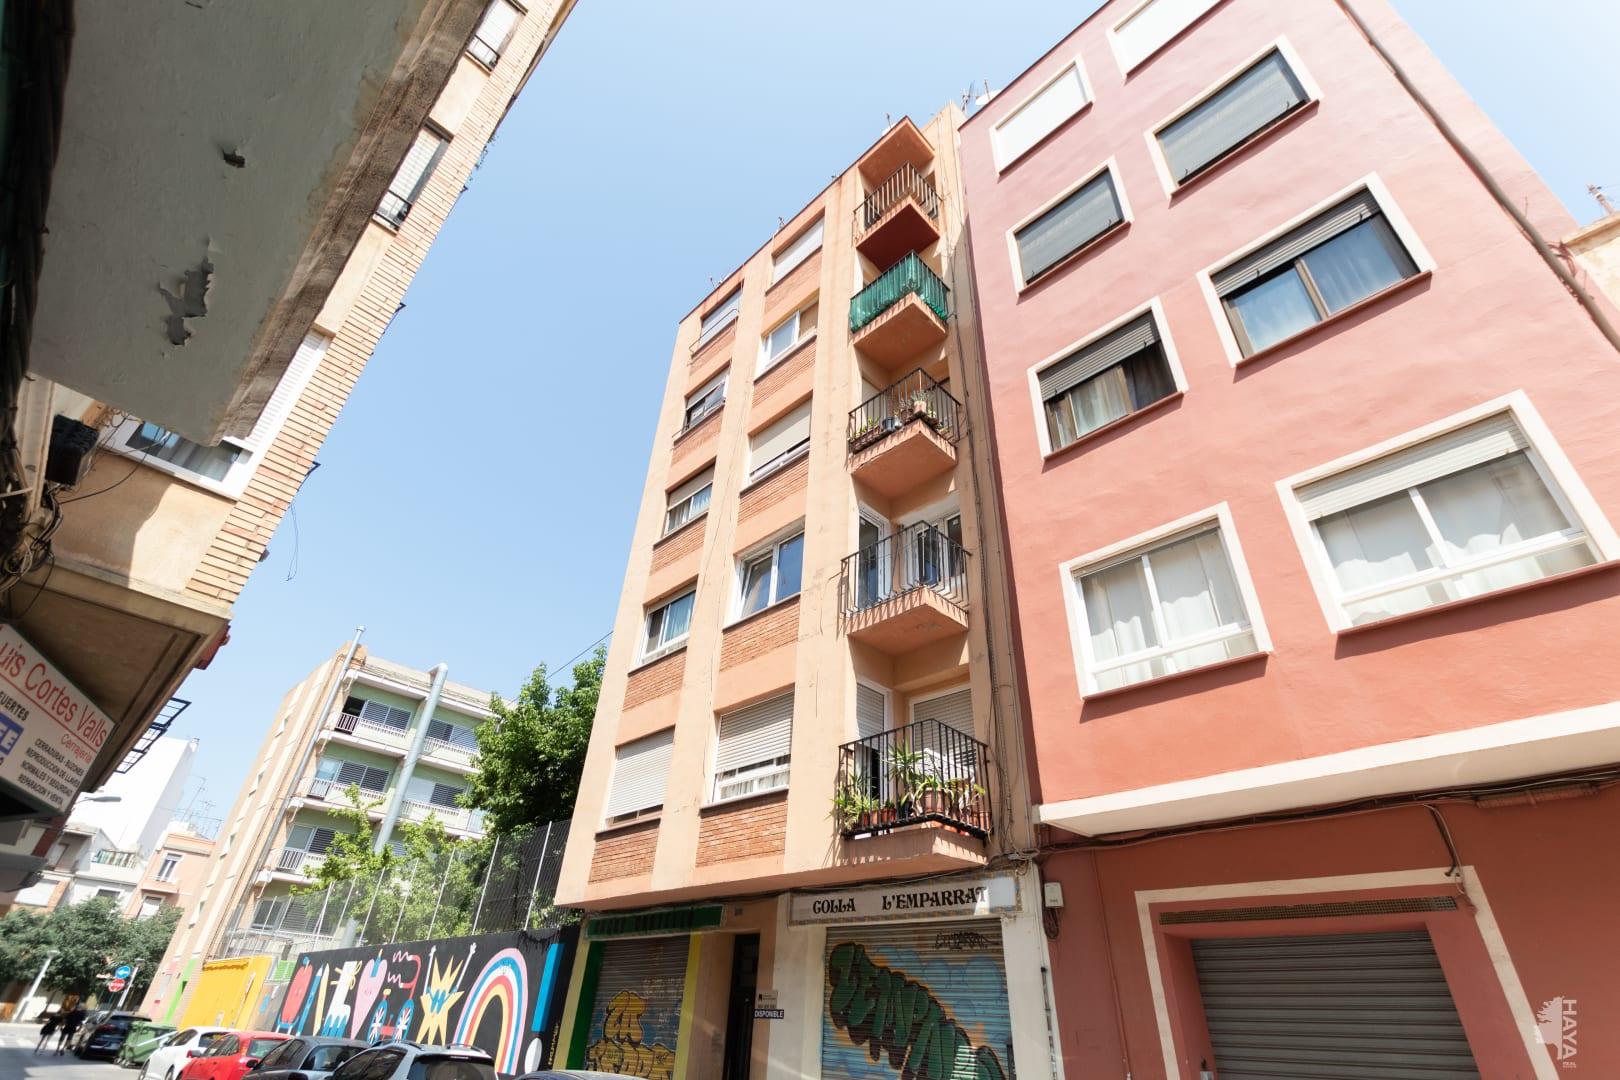 Piso en venta en Urbanización Penyeta Roja, Castellón de la Plana/castelló de la Plana, Castellón, Calle Padre Vicent, 61.500 €, 3 habitaciones, 1 baño, 68 m2